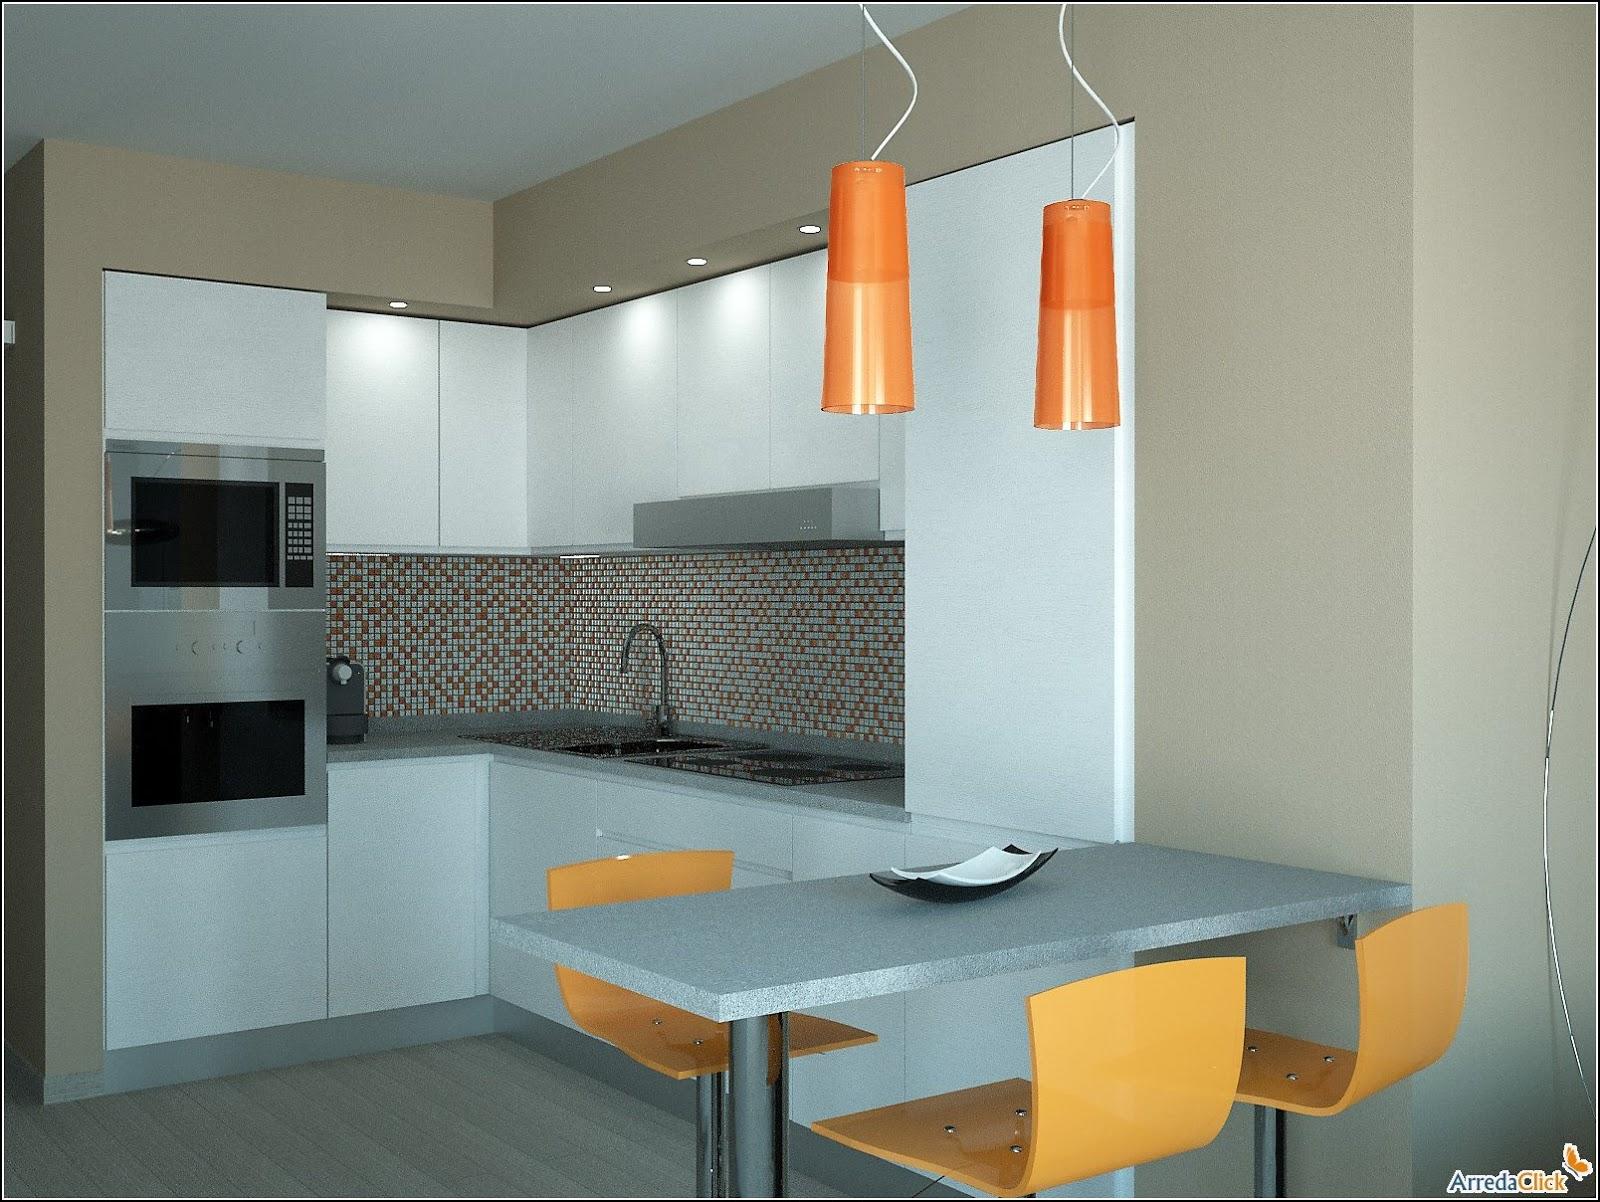 Arredaclick muebles italianos online amueblar for Muebles para un apartamento pequeno